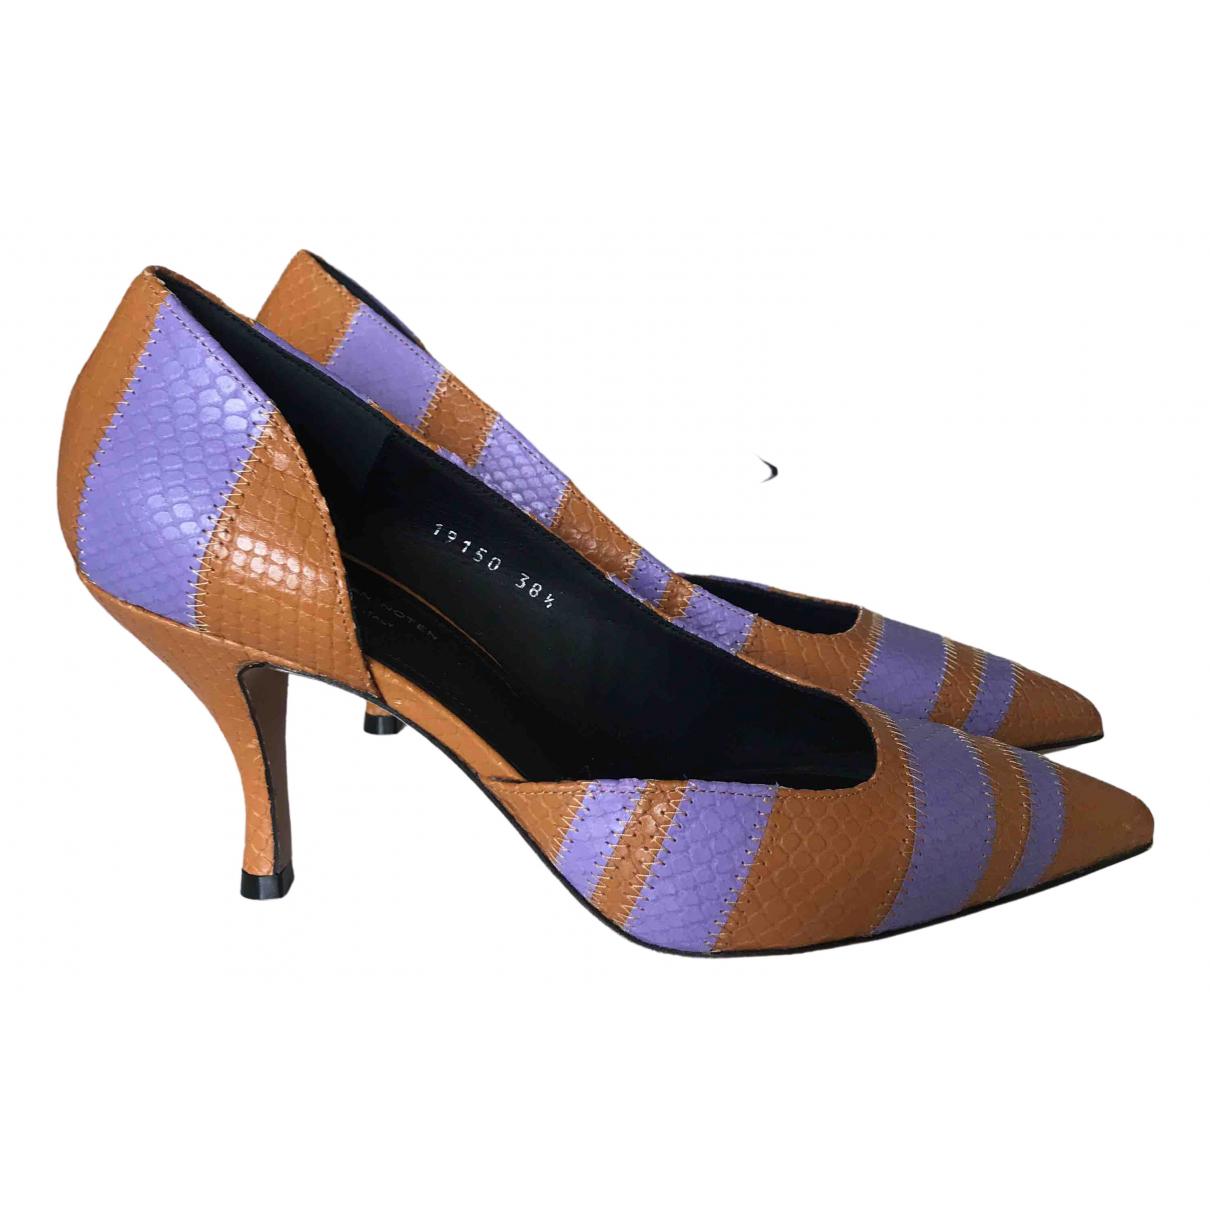 Dries Van Noten \N Camel Leather Heels for Women 38.5 EU